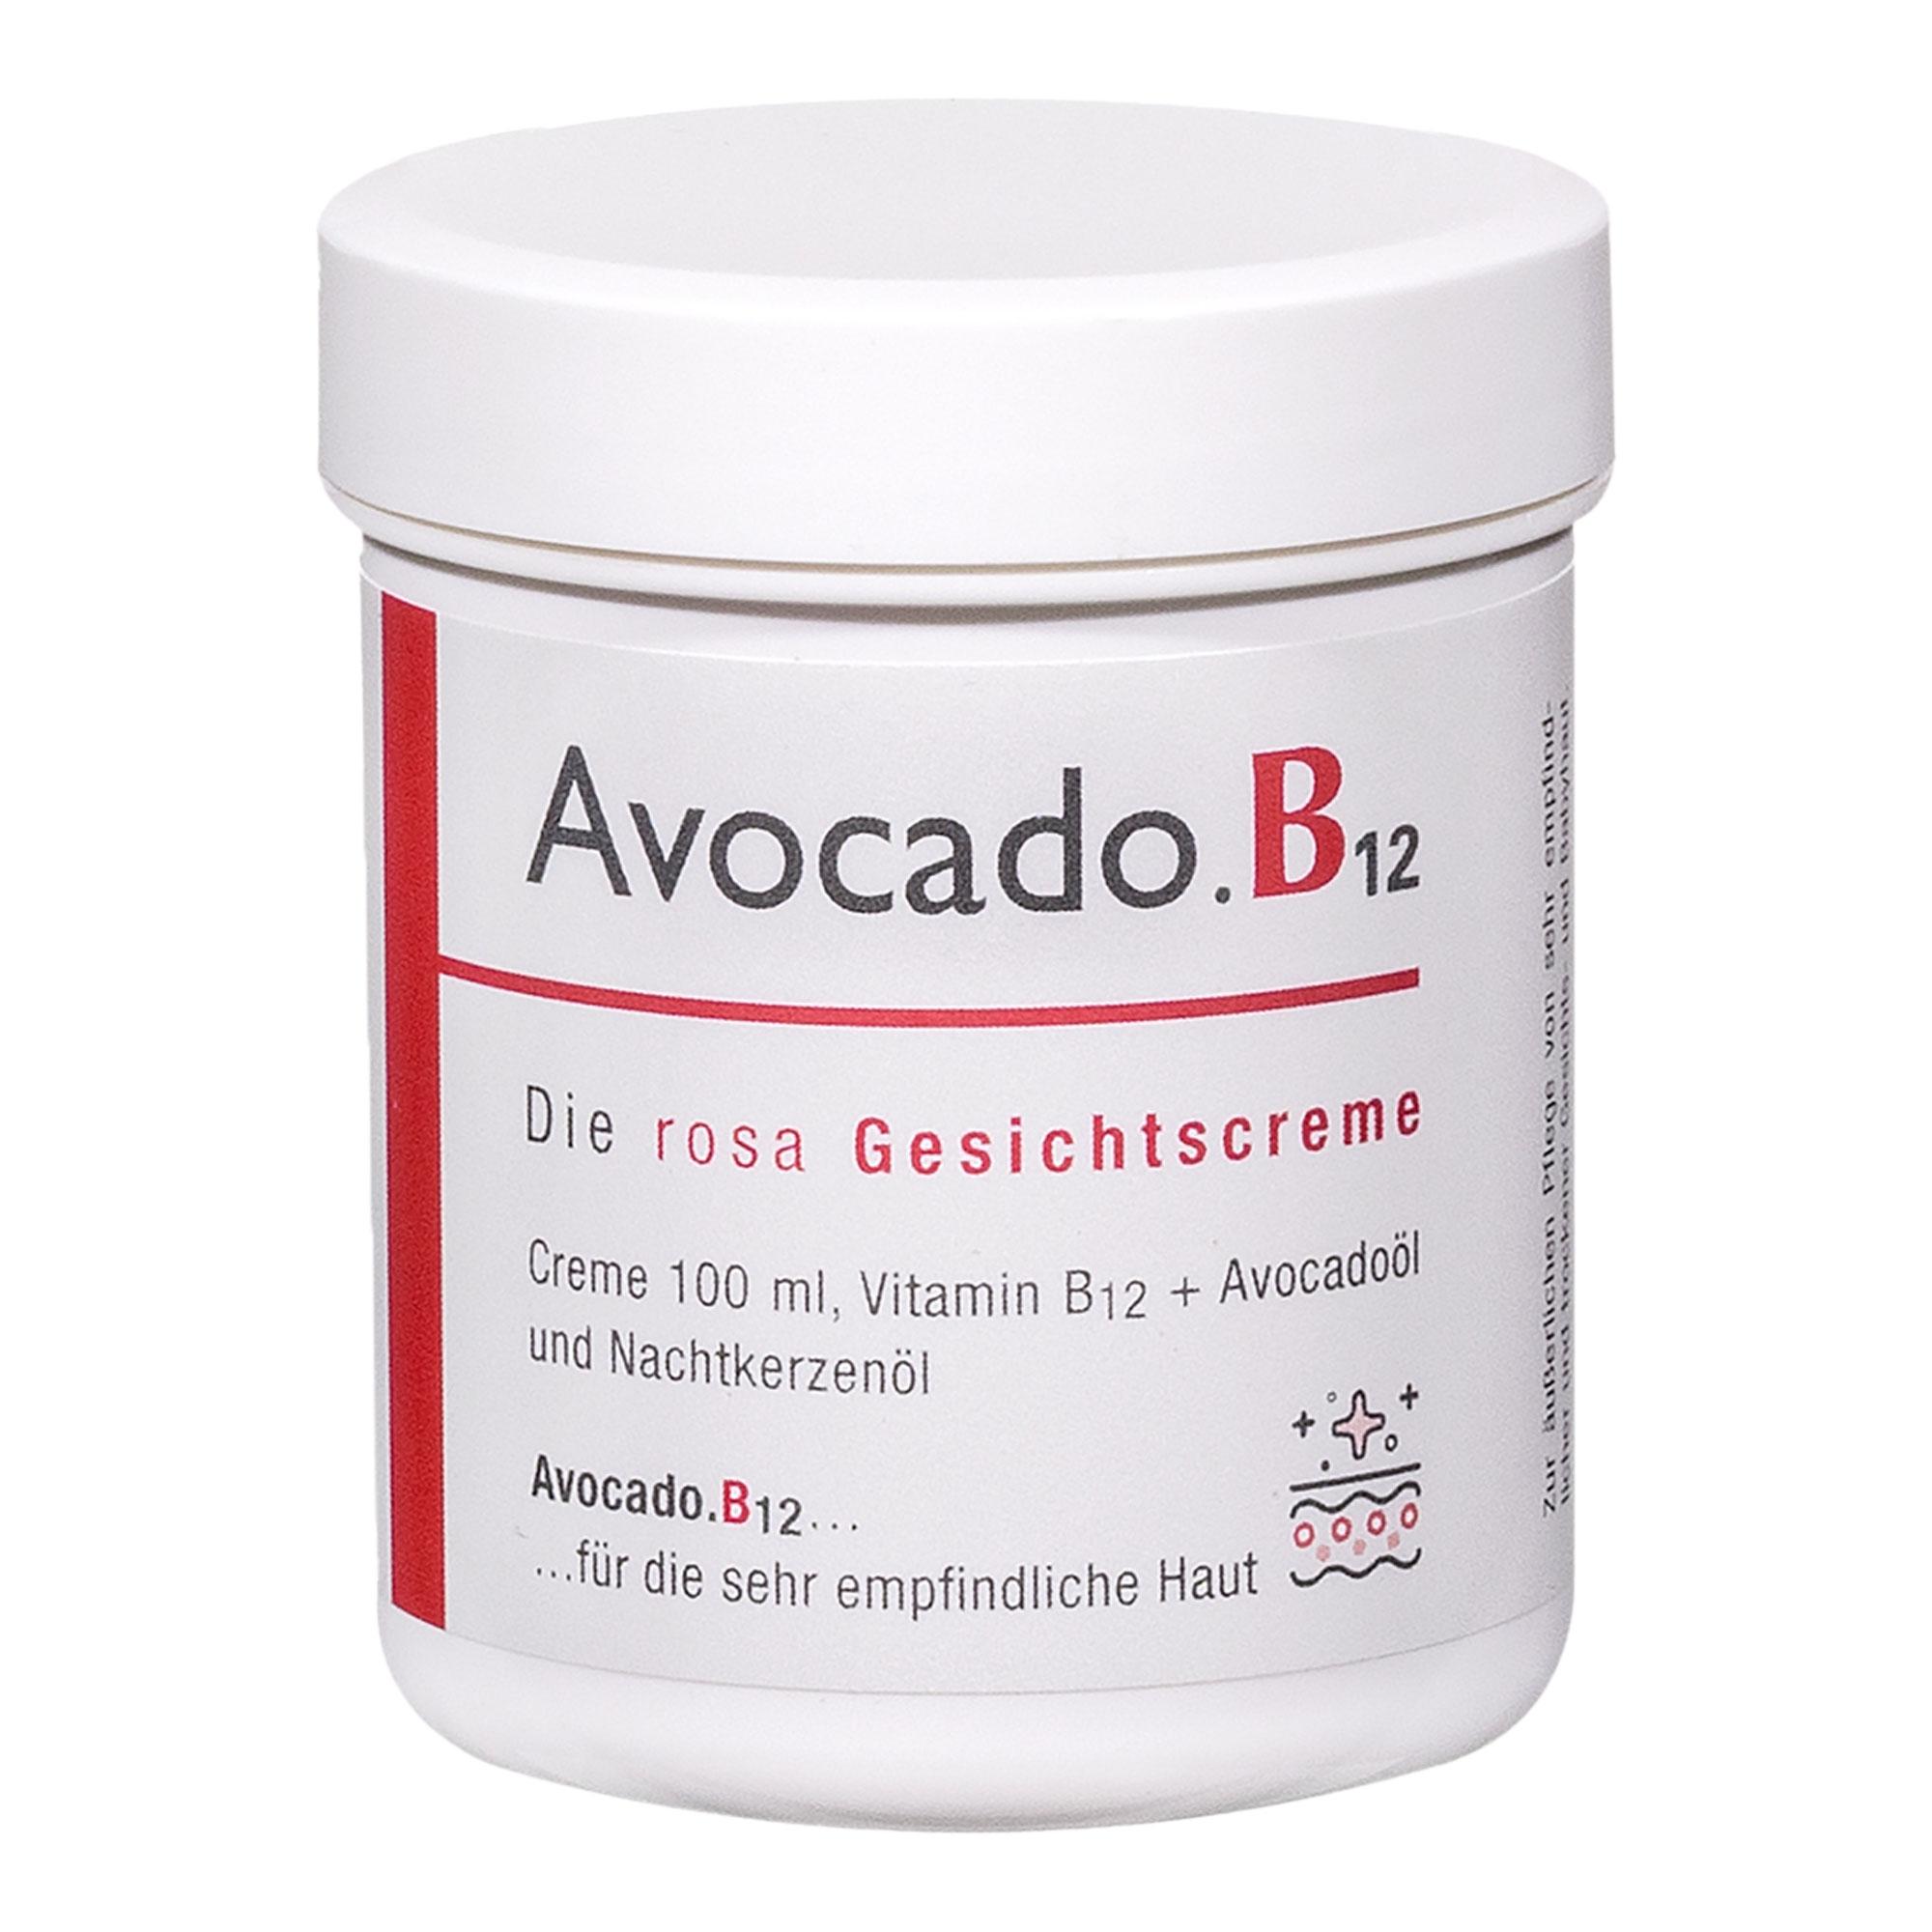 Avocado.B12 Gesichtscreme